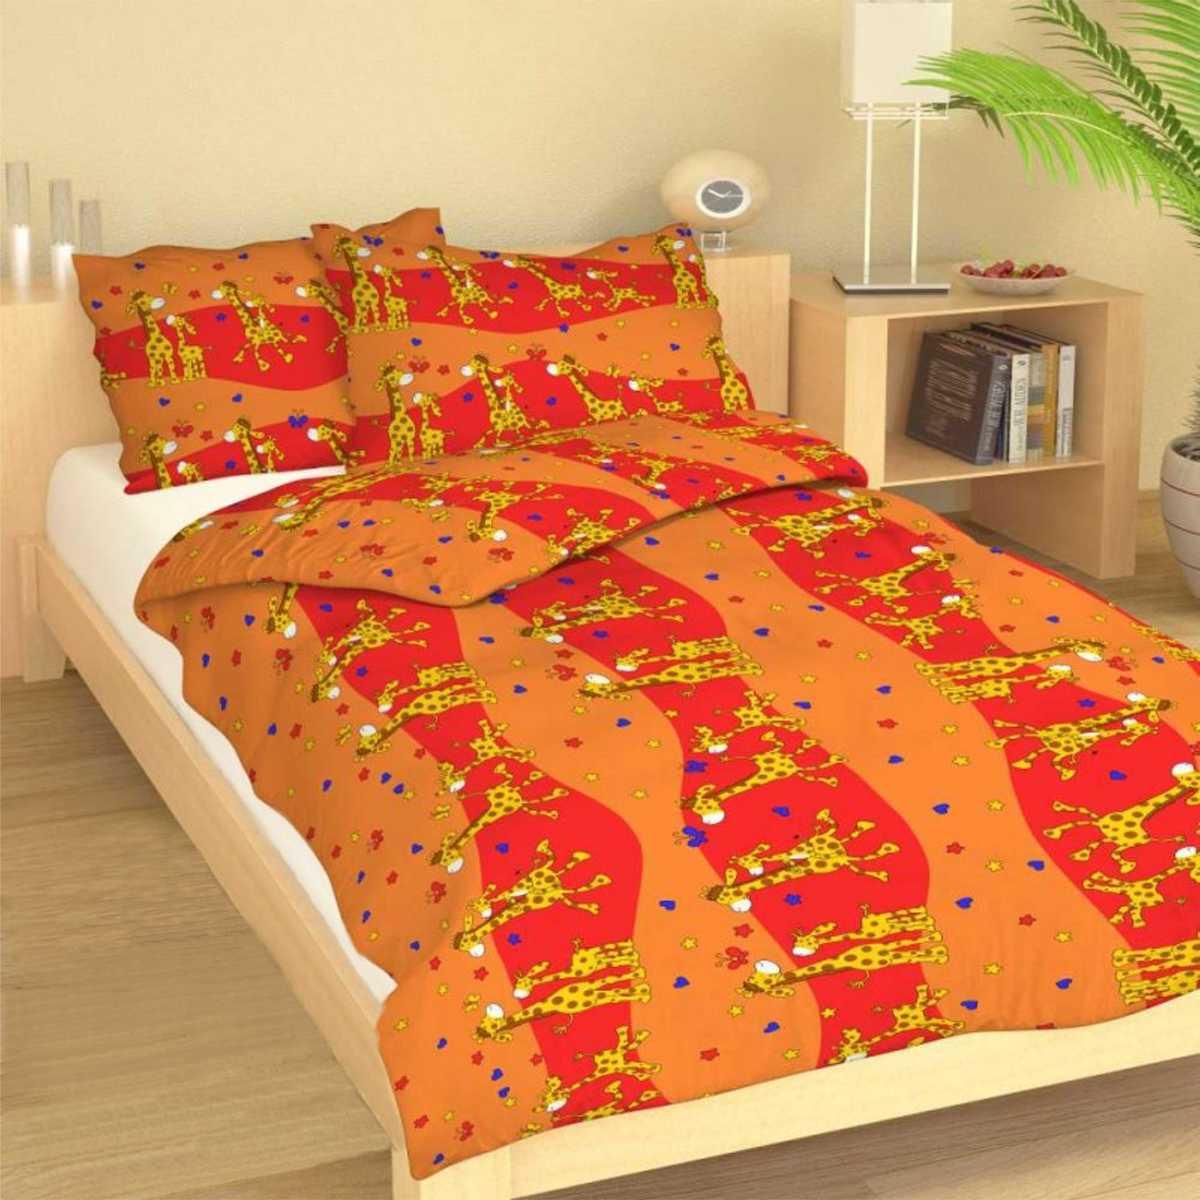 Forbyt, Obliečky bavlnené, Žirafy, 90 x 140 + 45 x 65 cm 90 x 140 cm + 45 x 65 cm